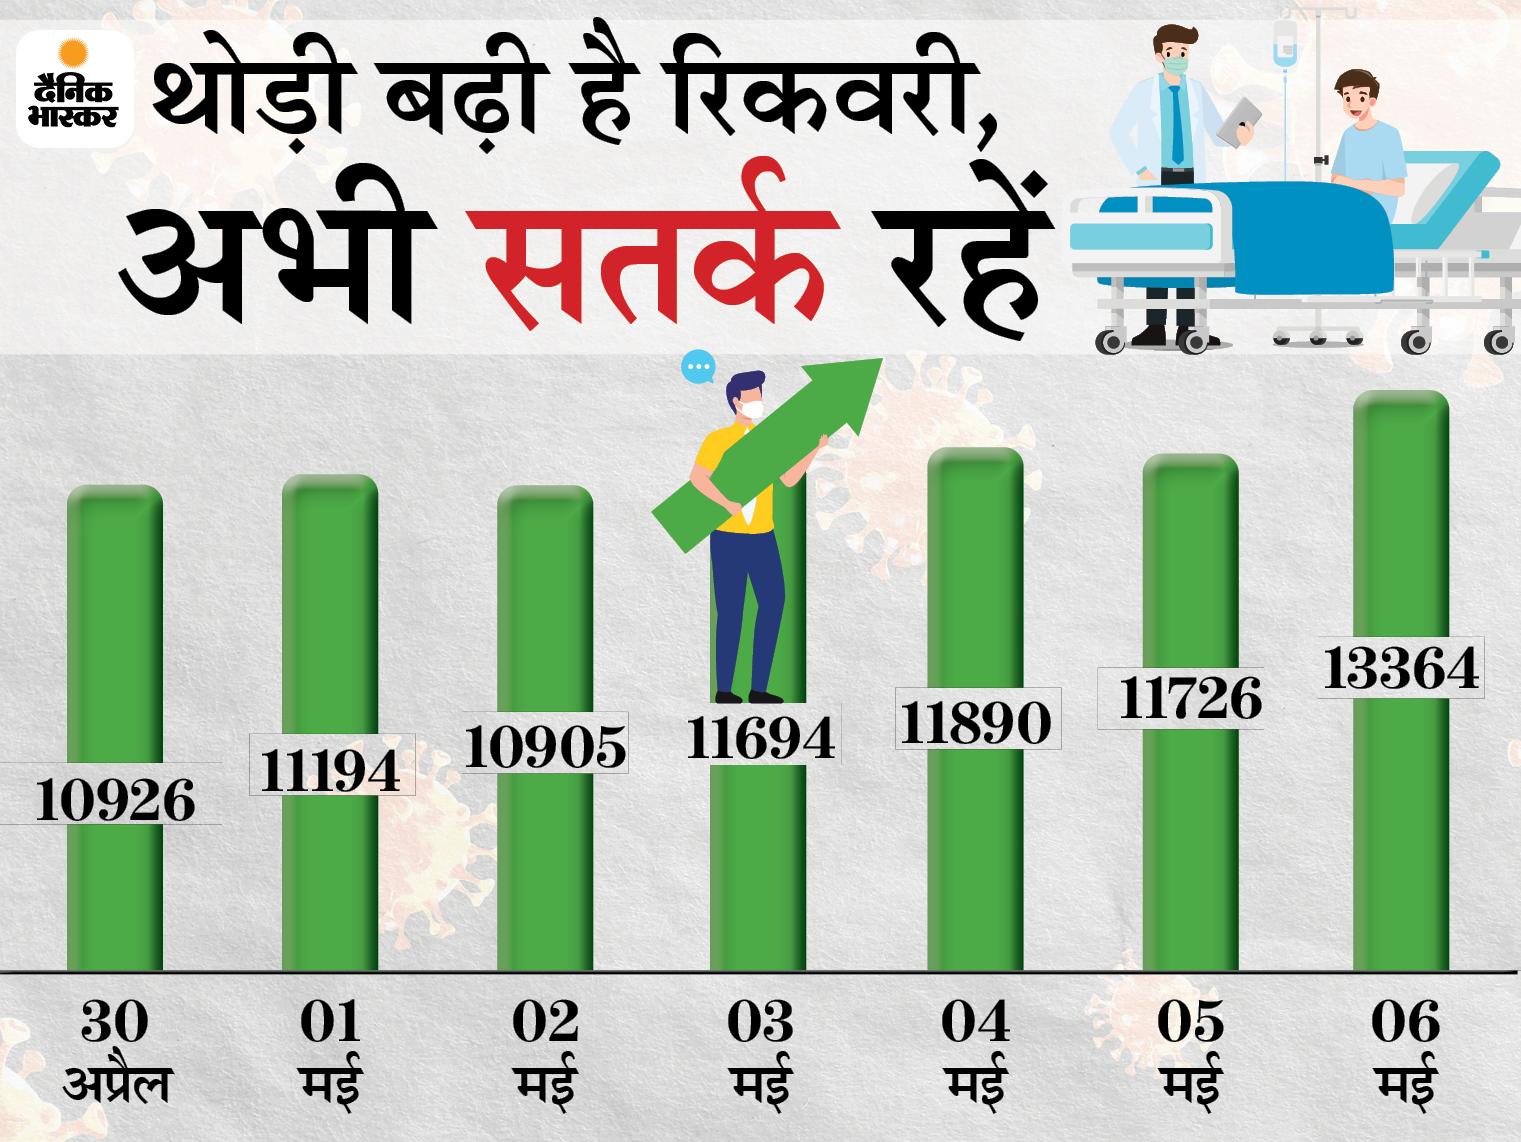 हौसलों से जीत रहे जंग, 7 दिन में 83486 पॉजिटिव में से 81699 ने दी मात, बिहार में 24 घंटे में रिकार्ड 15126 नए केस मिले|बिहार,Bihar - Dainik Bhaskar